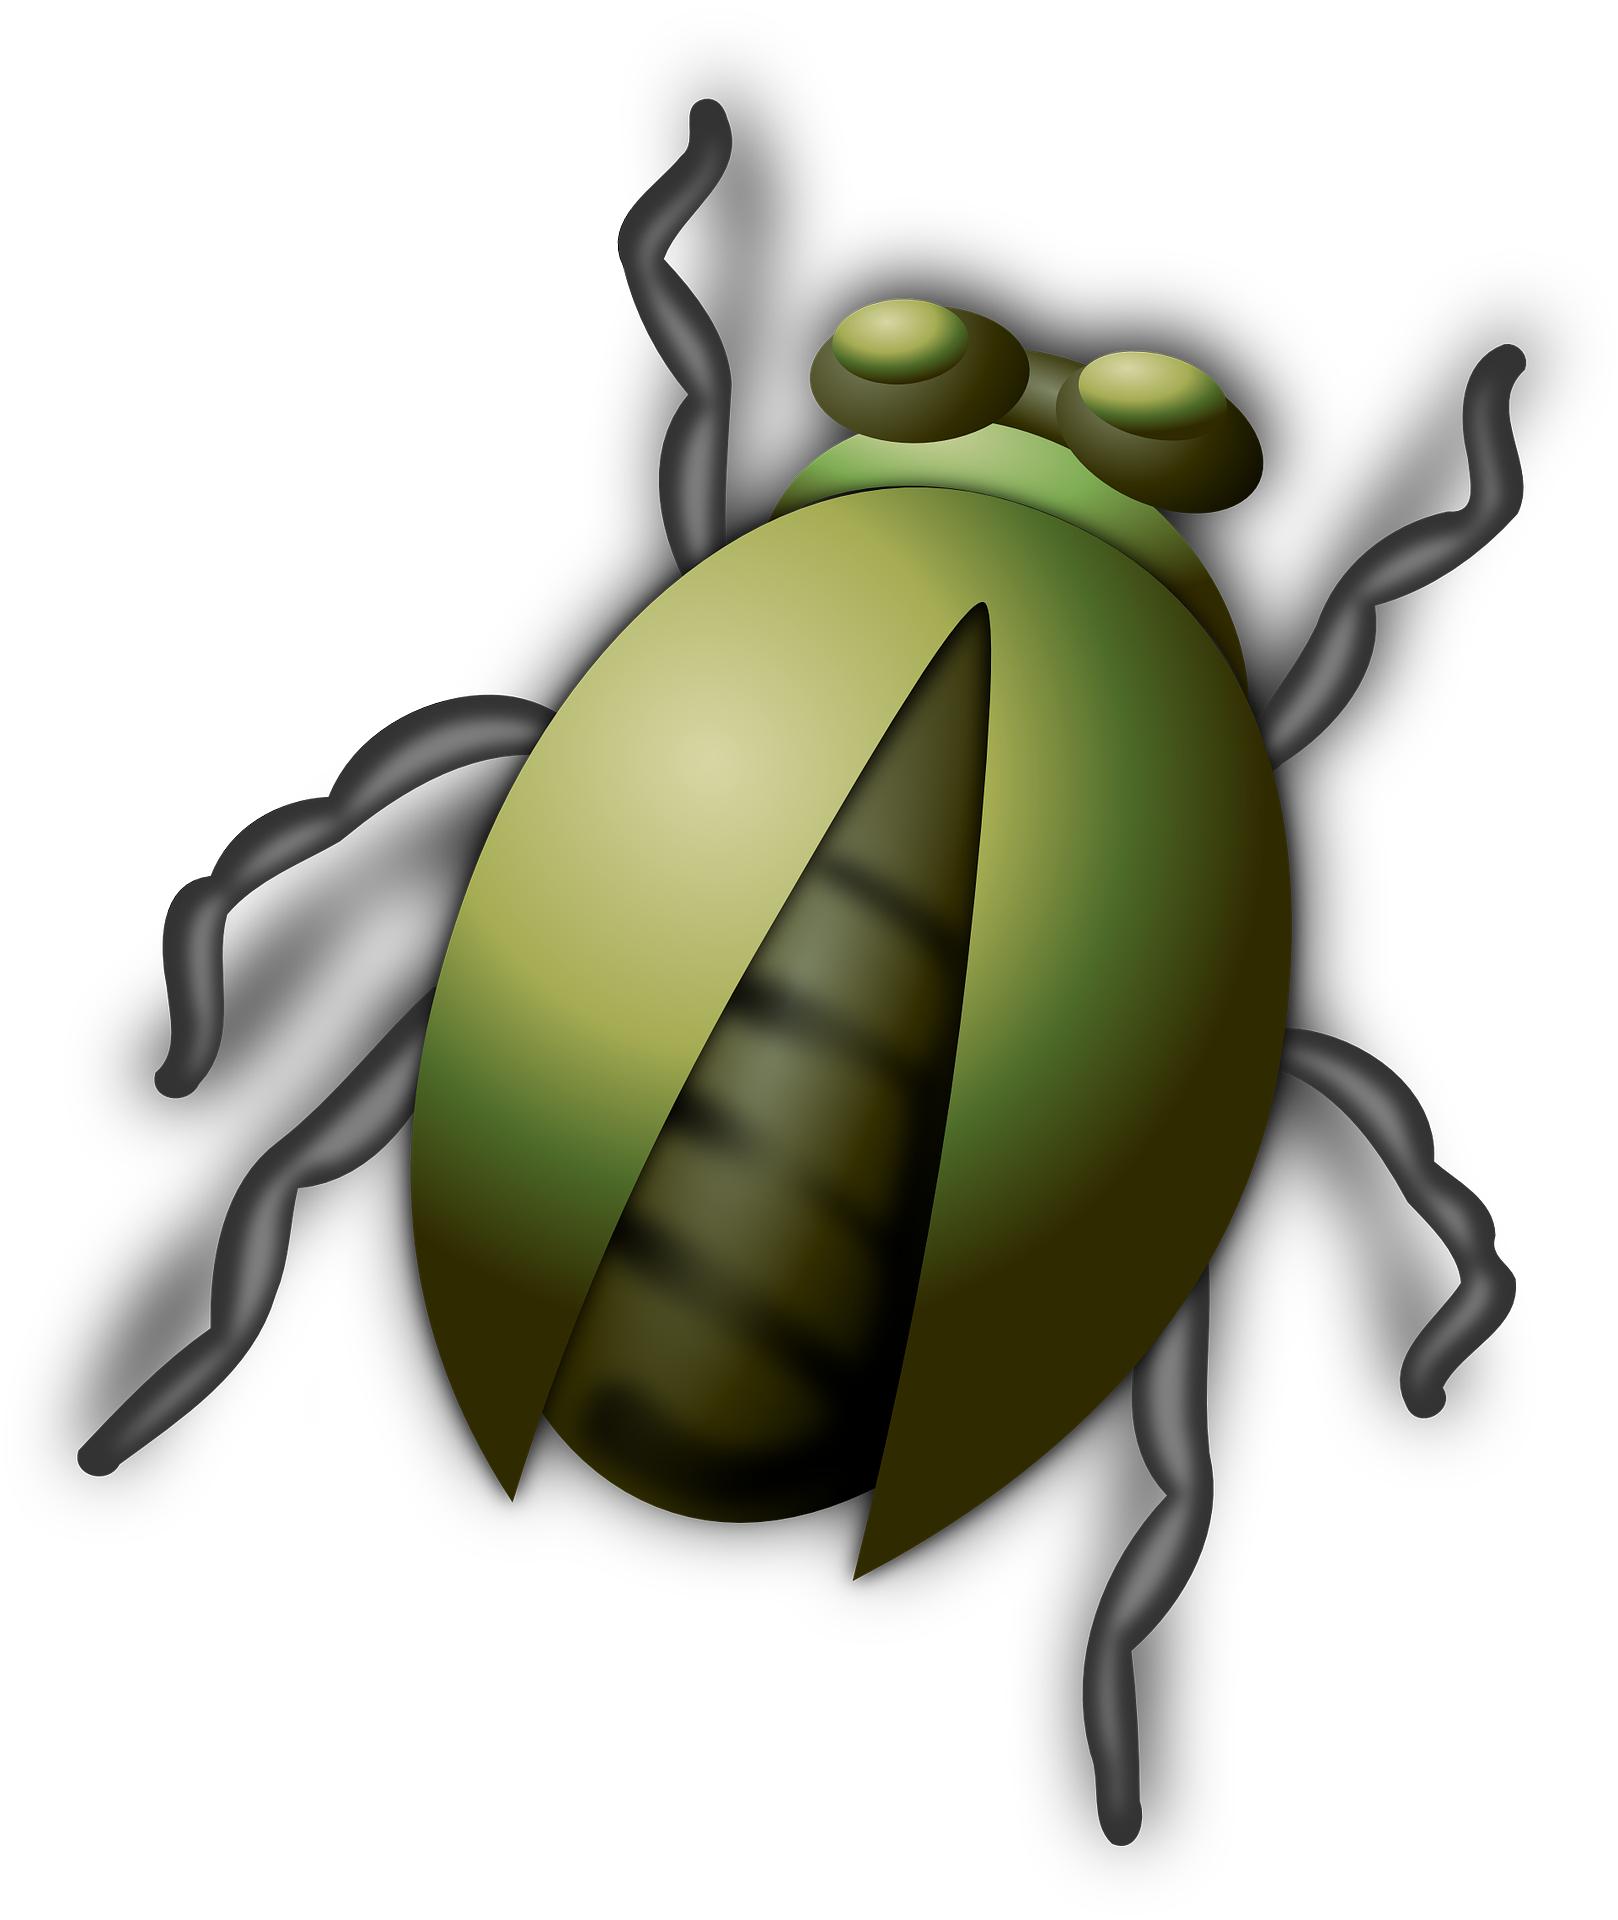 Beetle bug insect